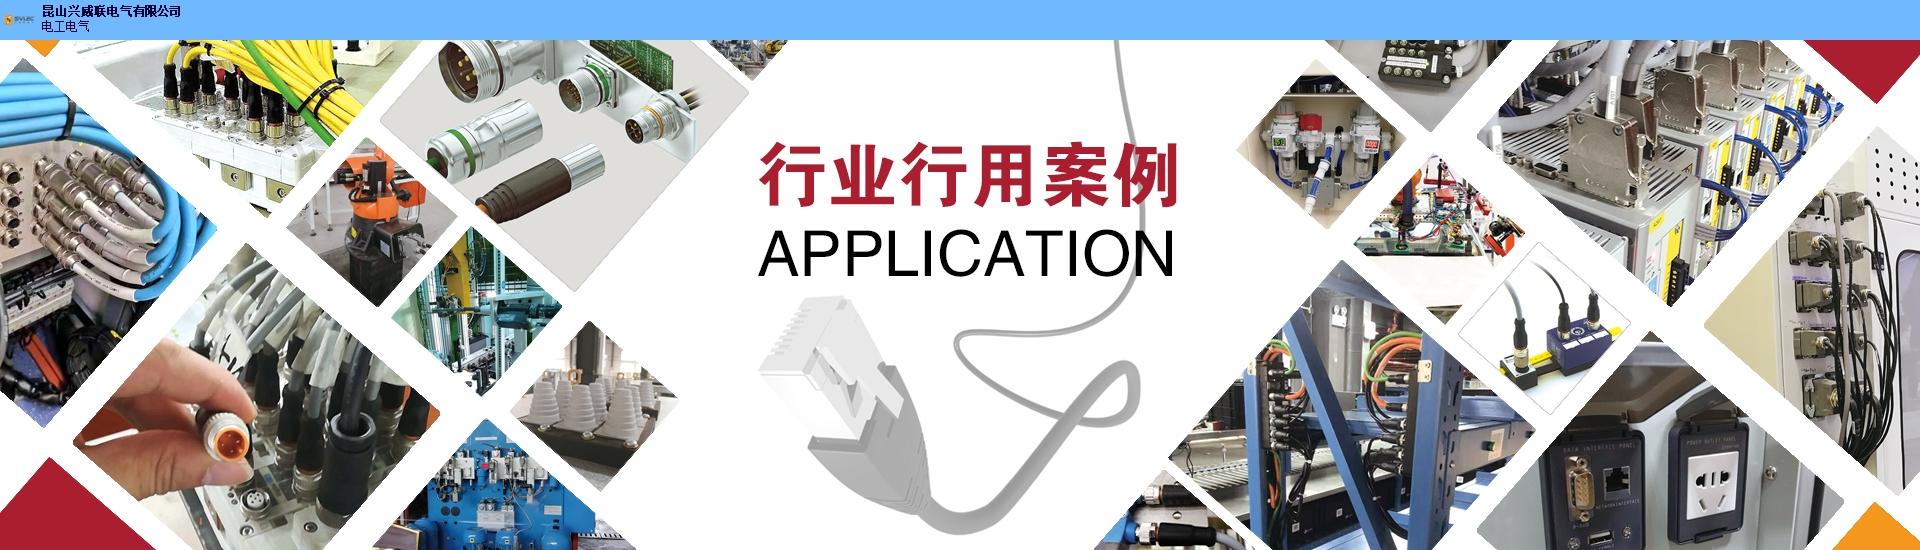 興威聯官網 歡迎來電「昆山興威聯電氣供應」